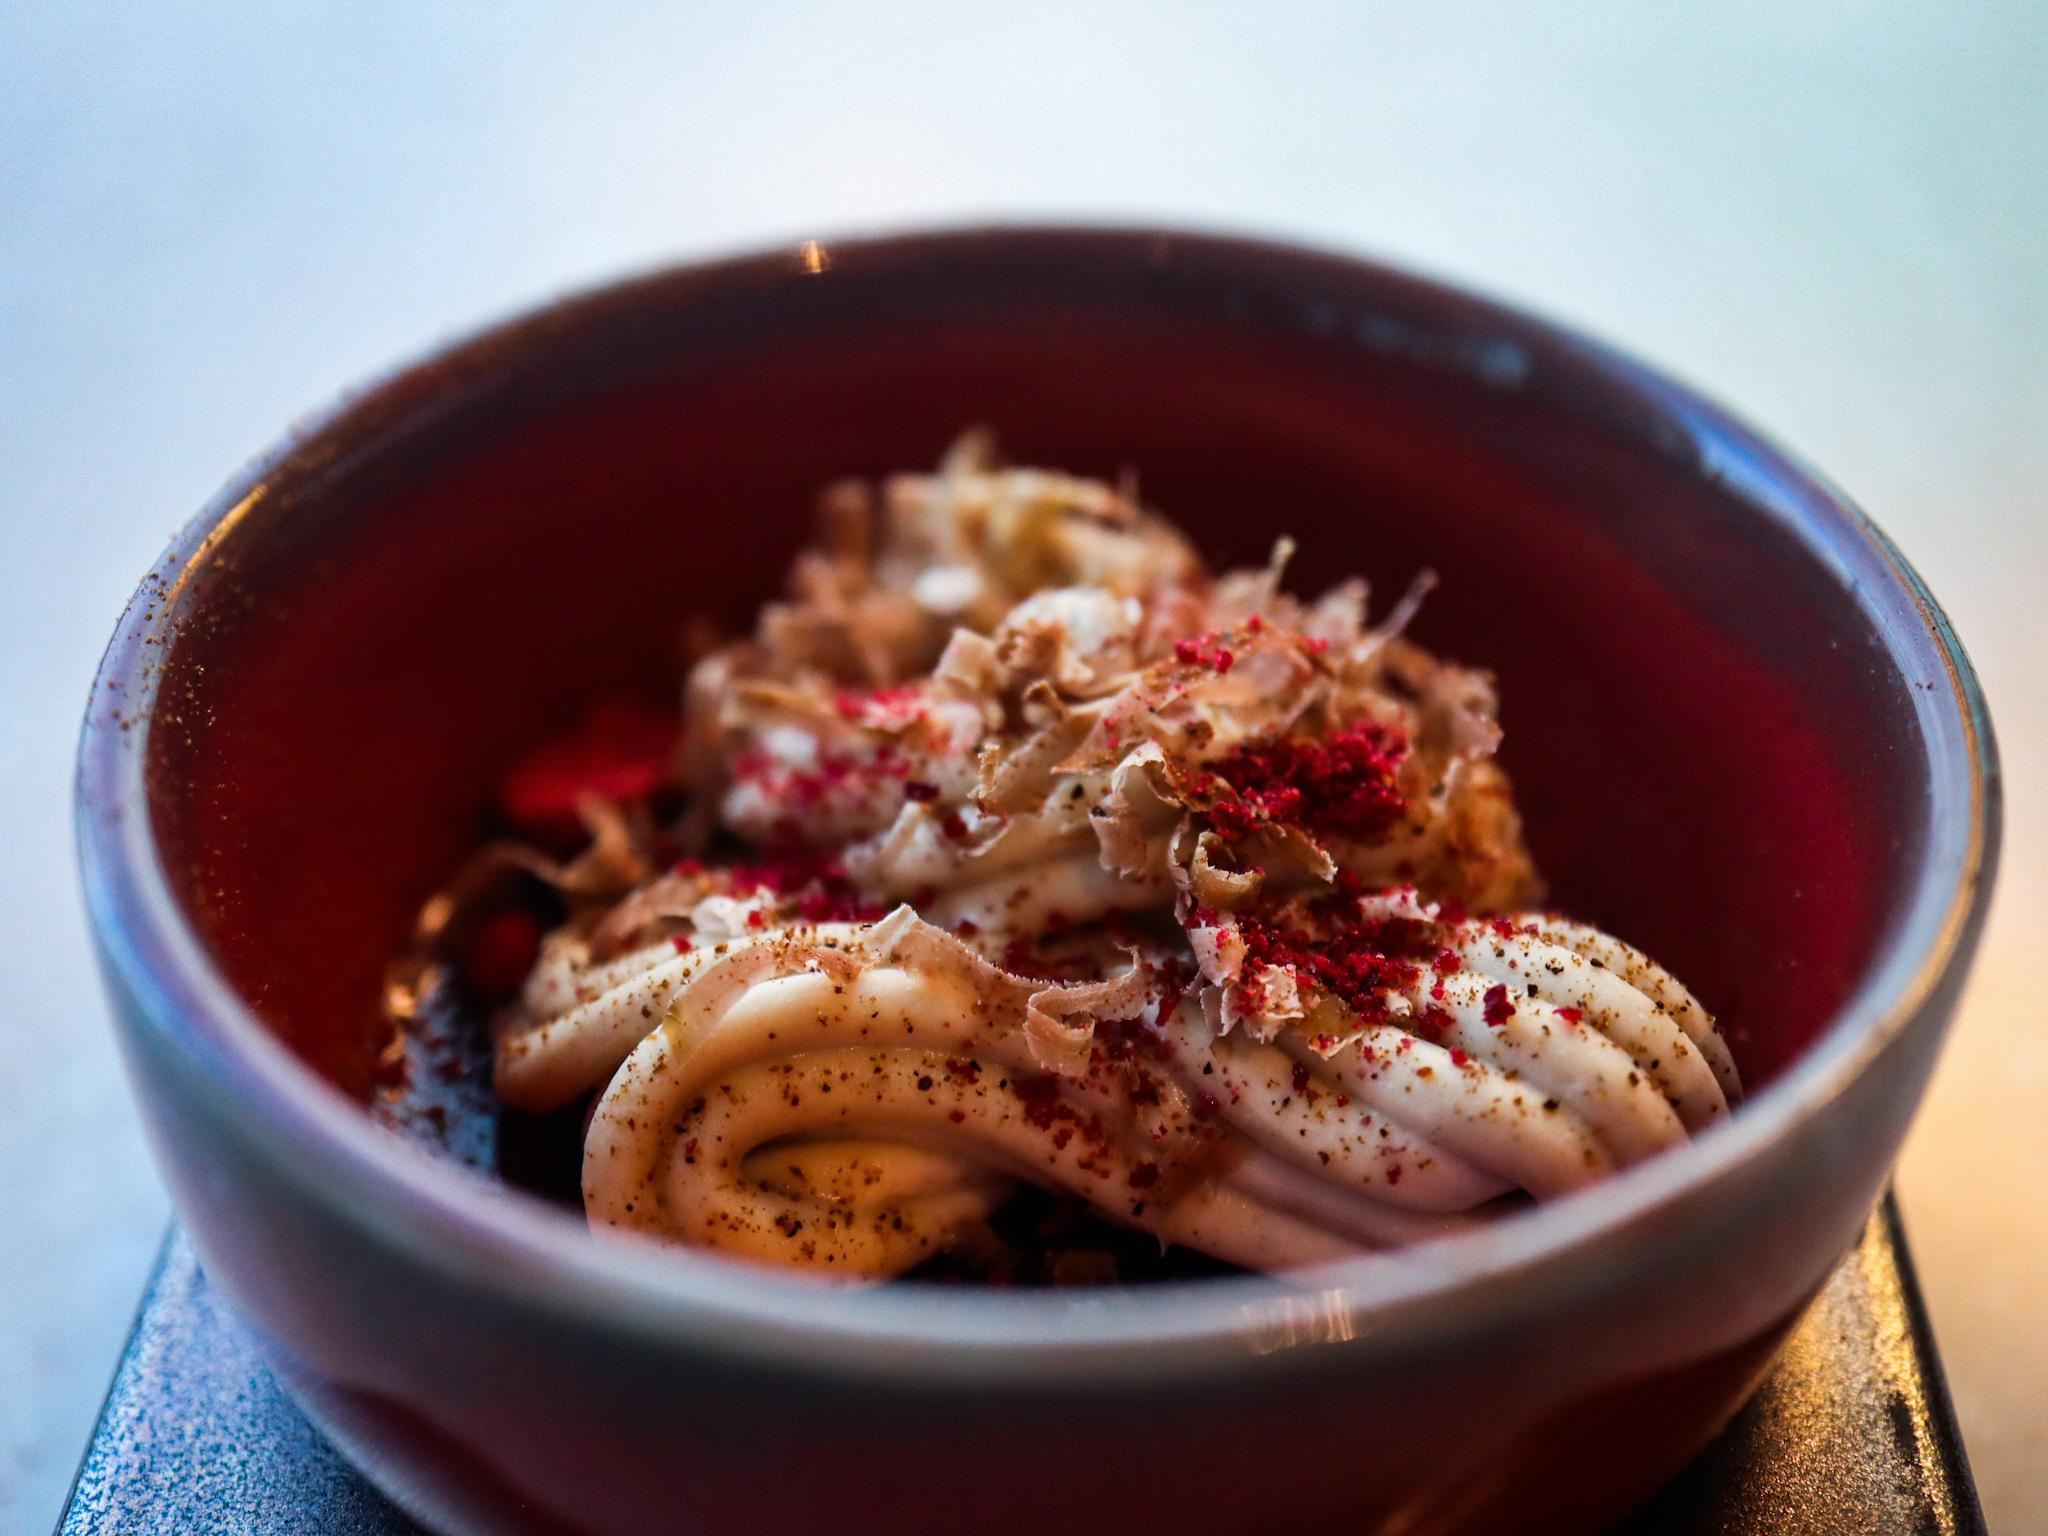 hanhenmaksaa sooci